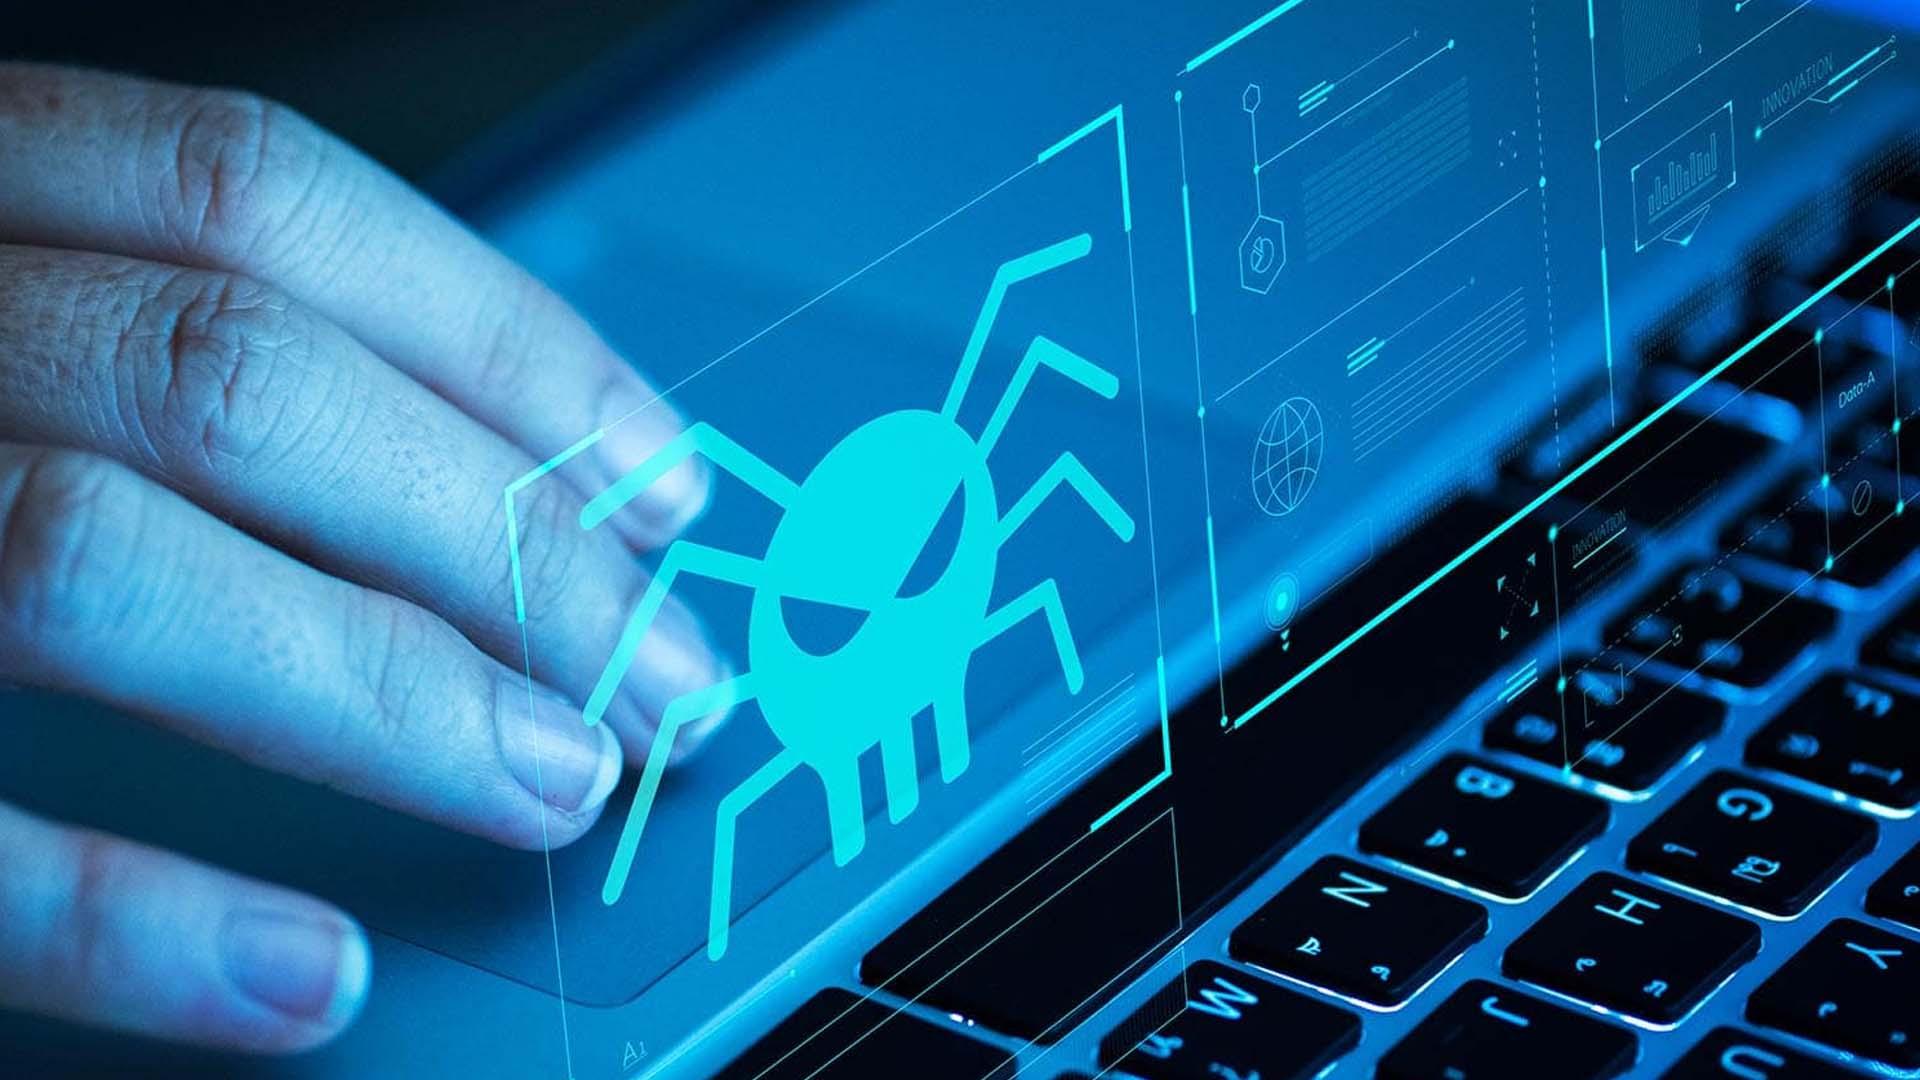 Attacchi hacker in Italia a livelli mai visti. Quasi quadruplicati nel  secondo trimestre, a giugno il picco.nel